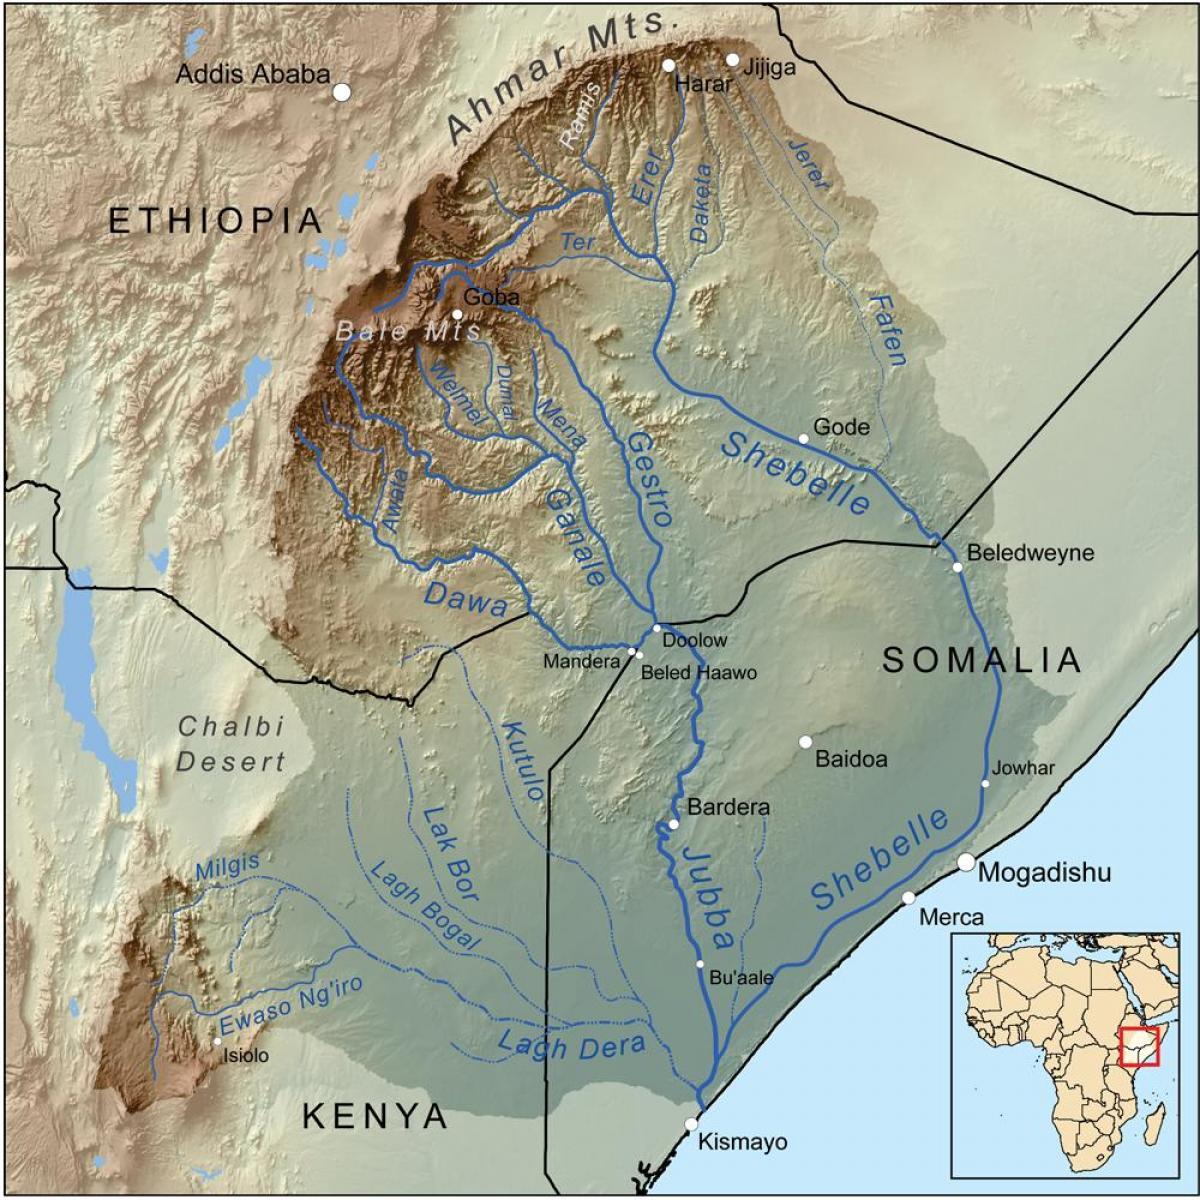 Ethiopian Rivières De La Carte - La Carte Des Fleuves De L serapportantà Carte Des Fleuves